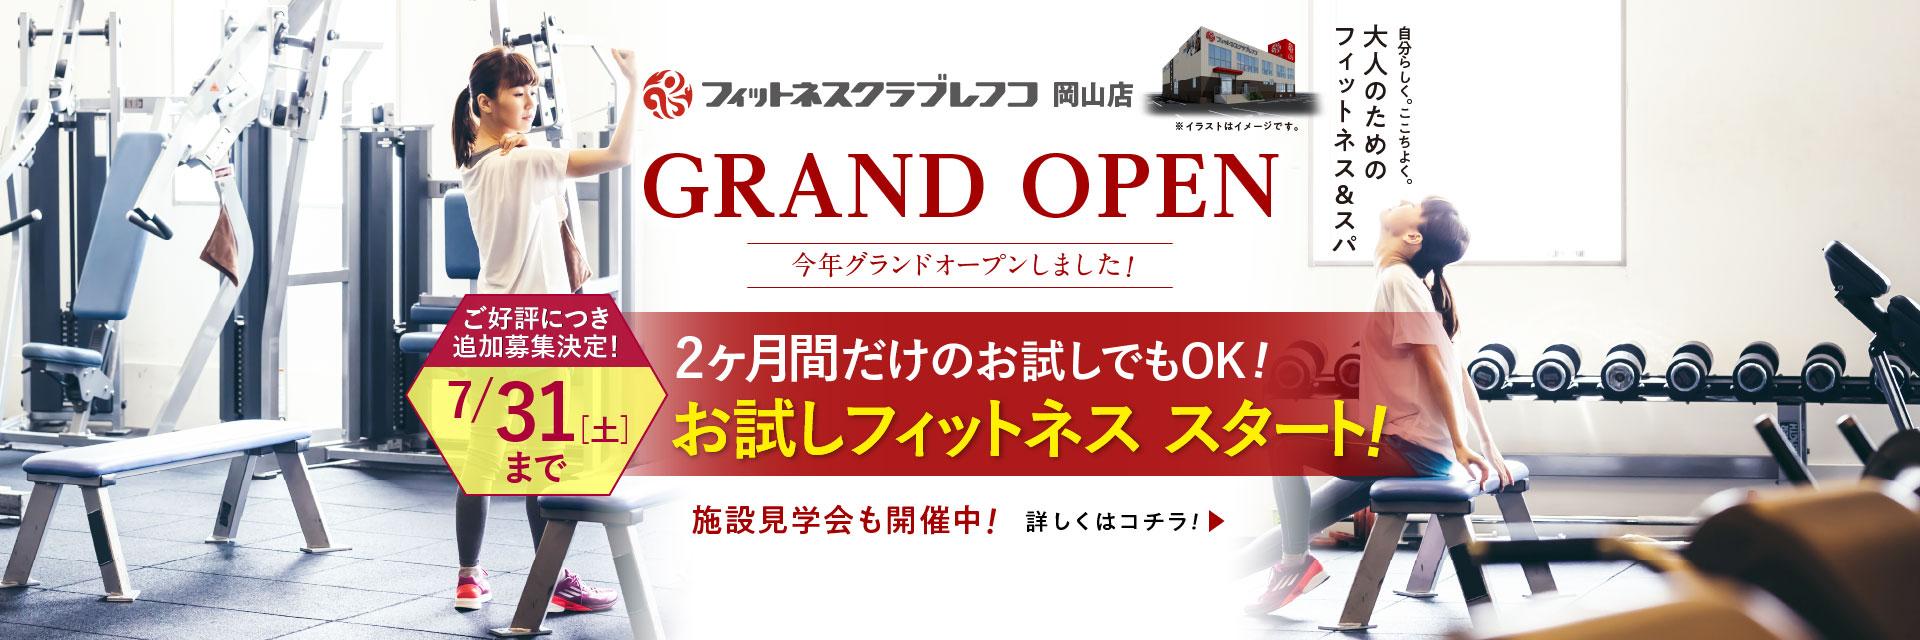 フィットネスクラブレフコ岡山店 グランドオープン お試しフィットネススタート!